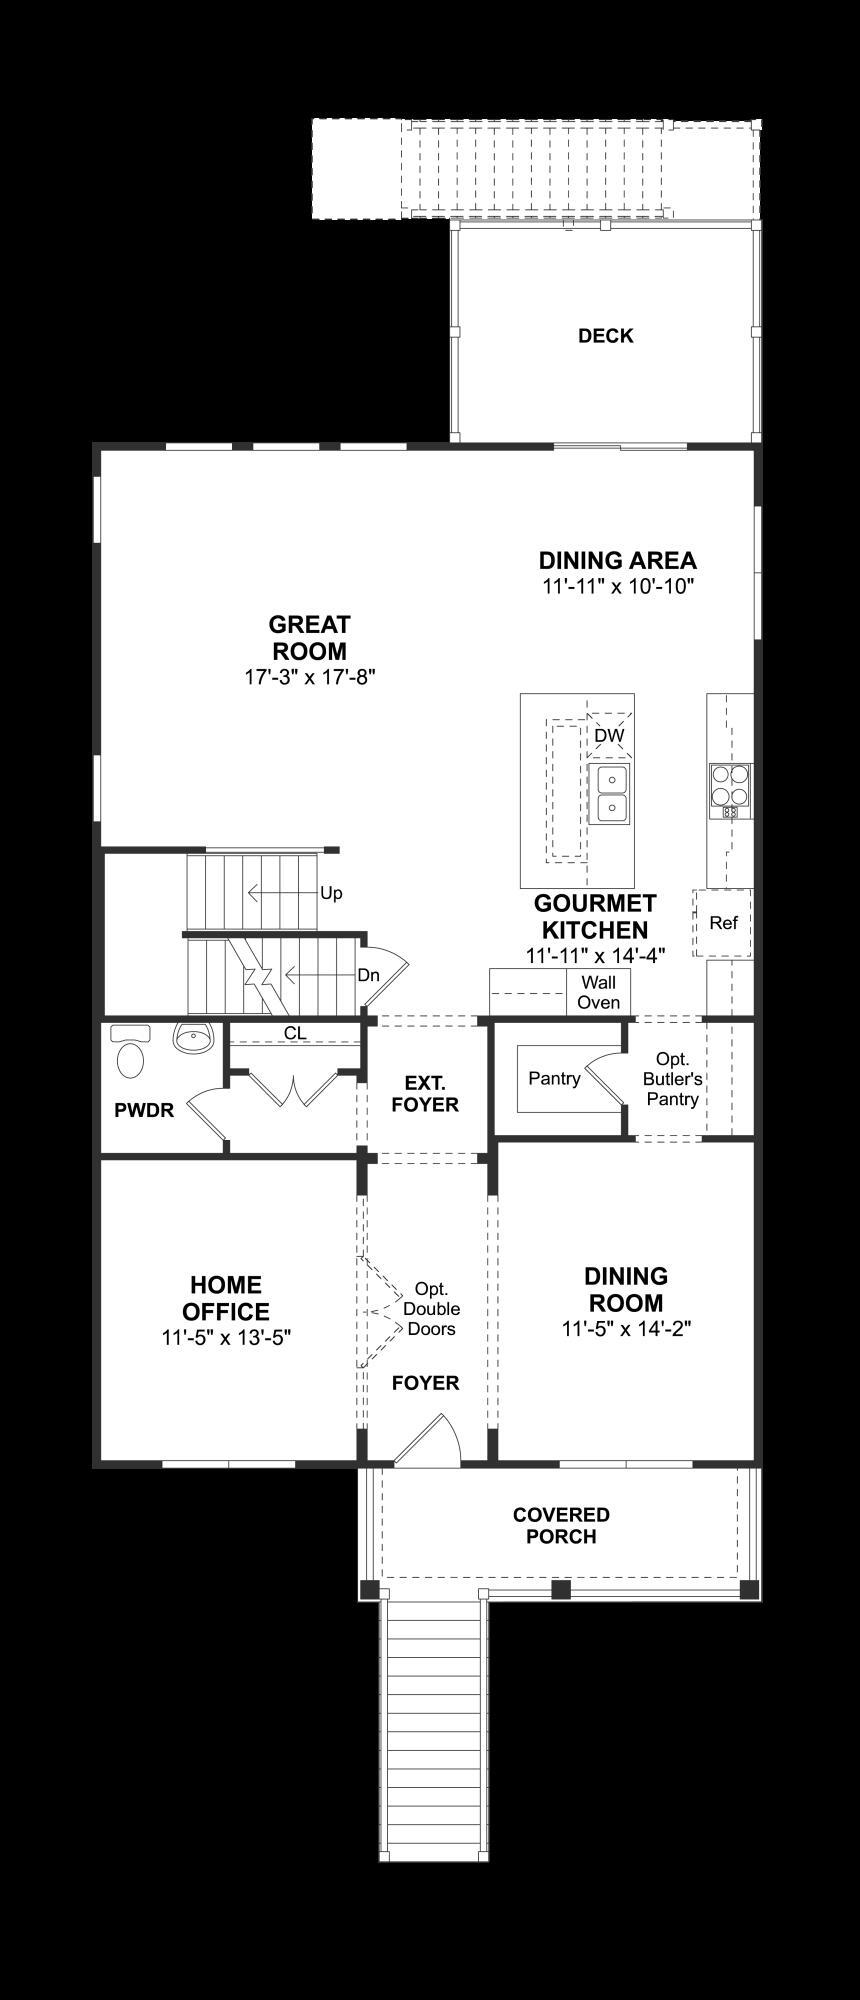 Ask Frank Real Estate Services - MLS Number: 21018521